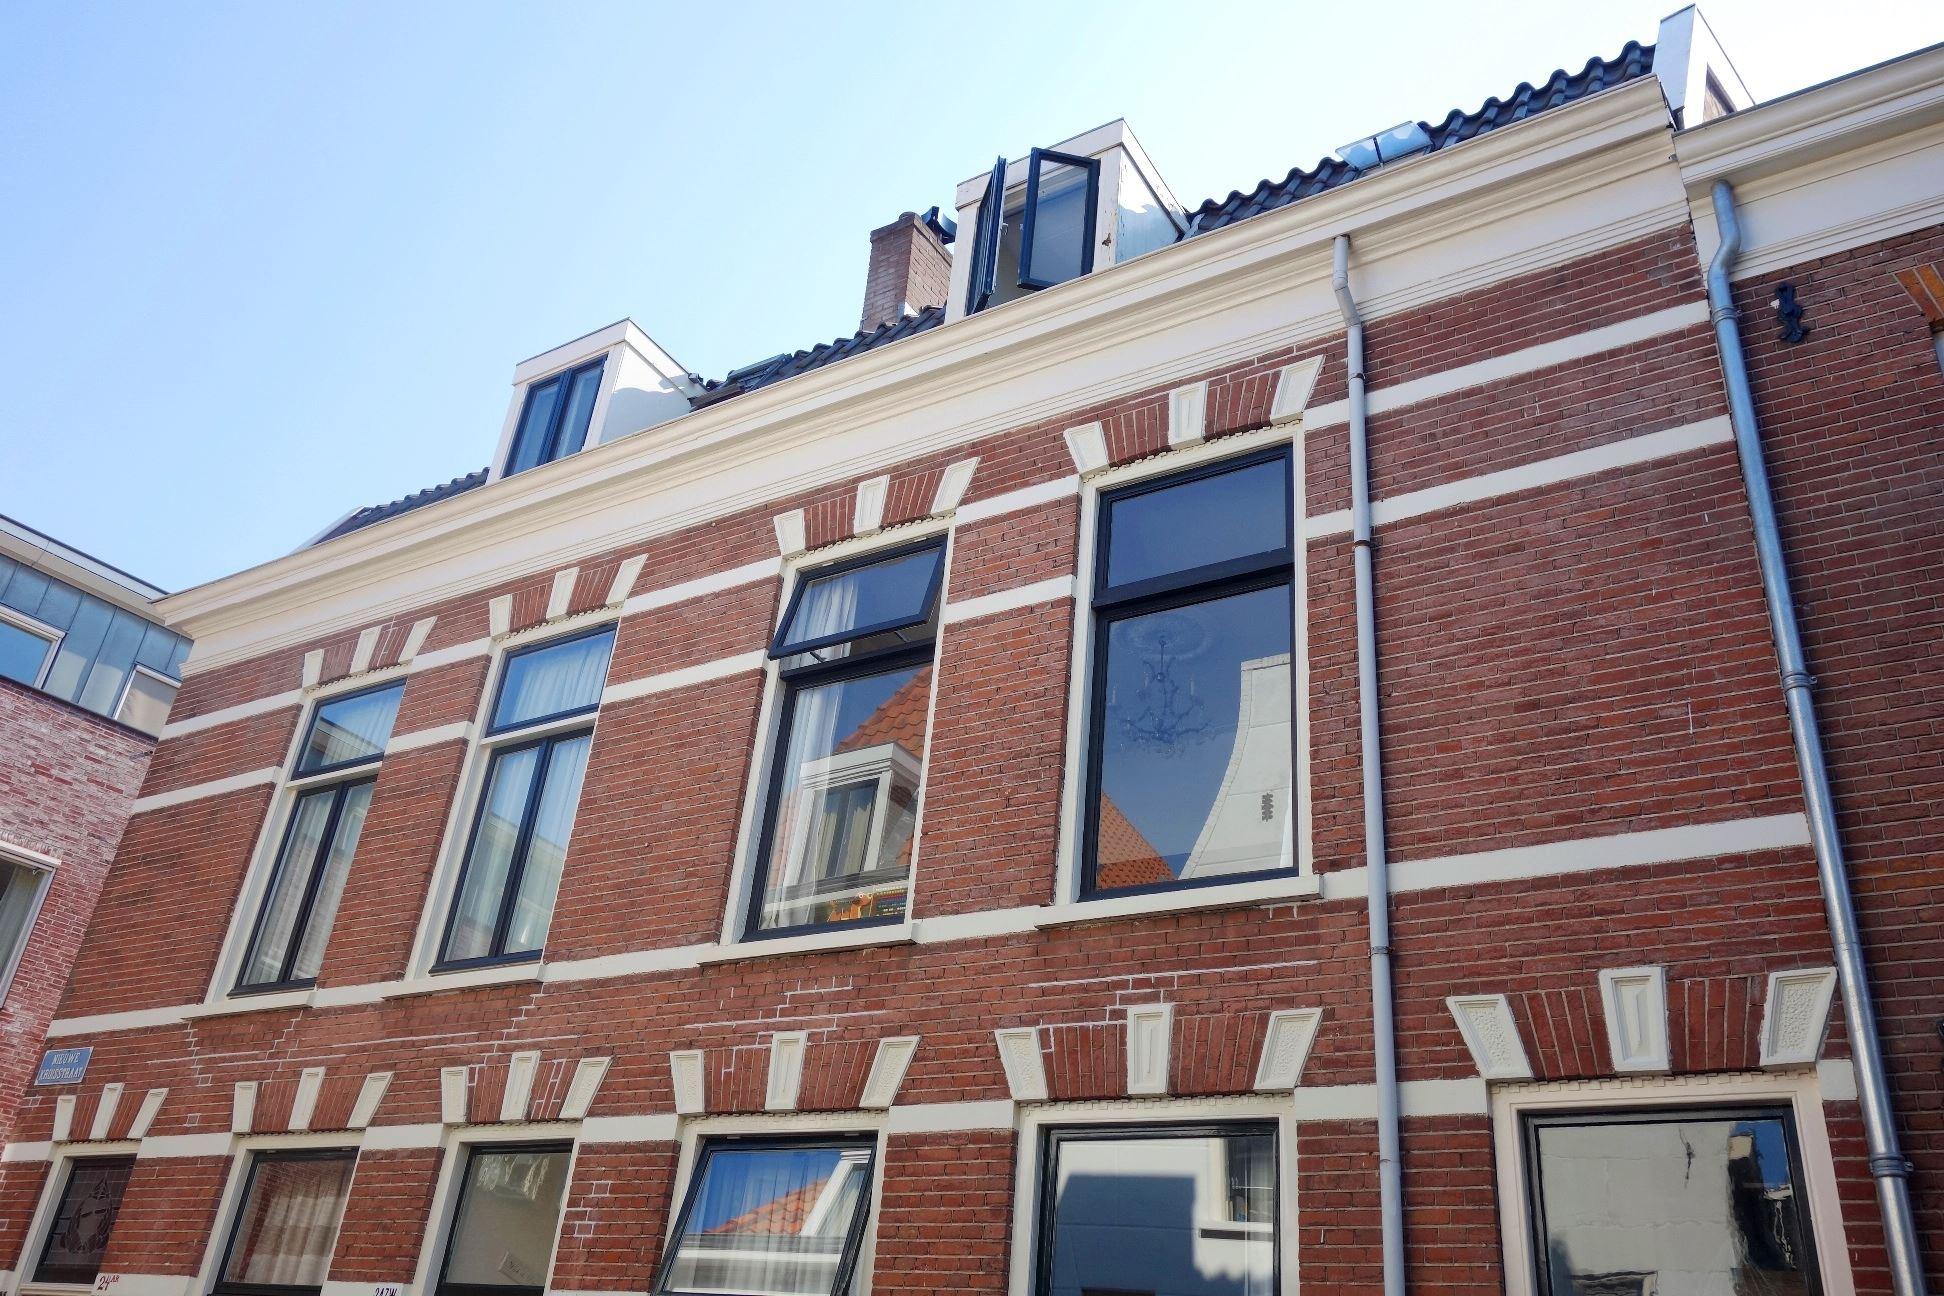 Appartement te koop: nieuwe kruisstraat 24 rood 2011 rp haarlem ...